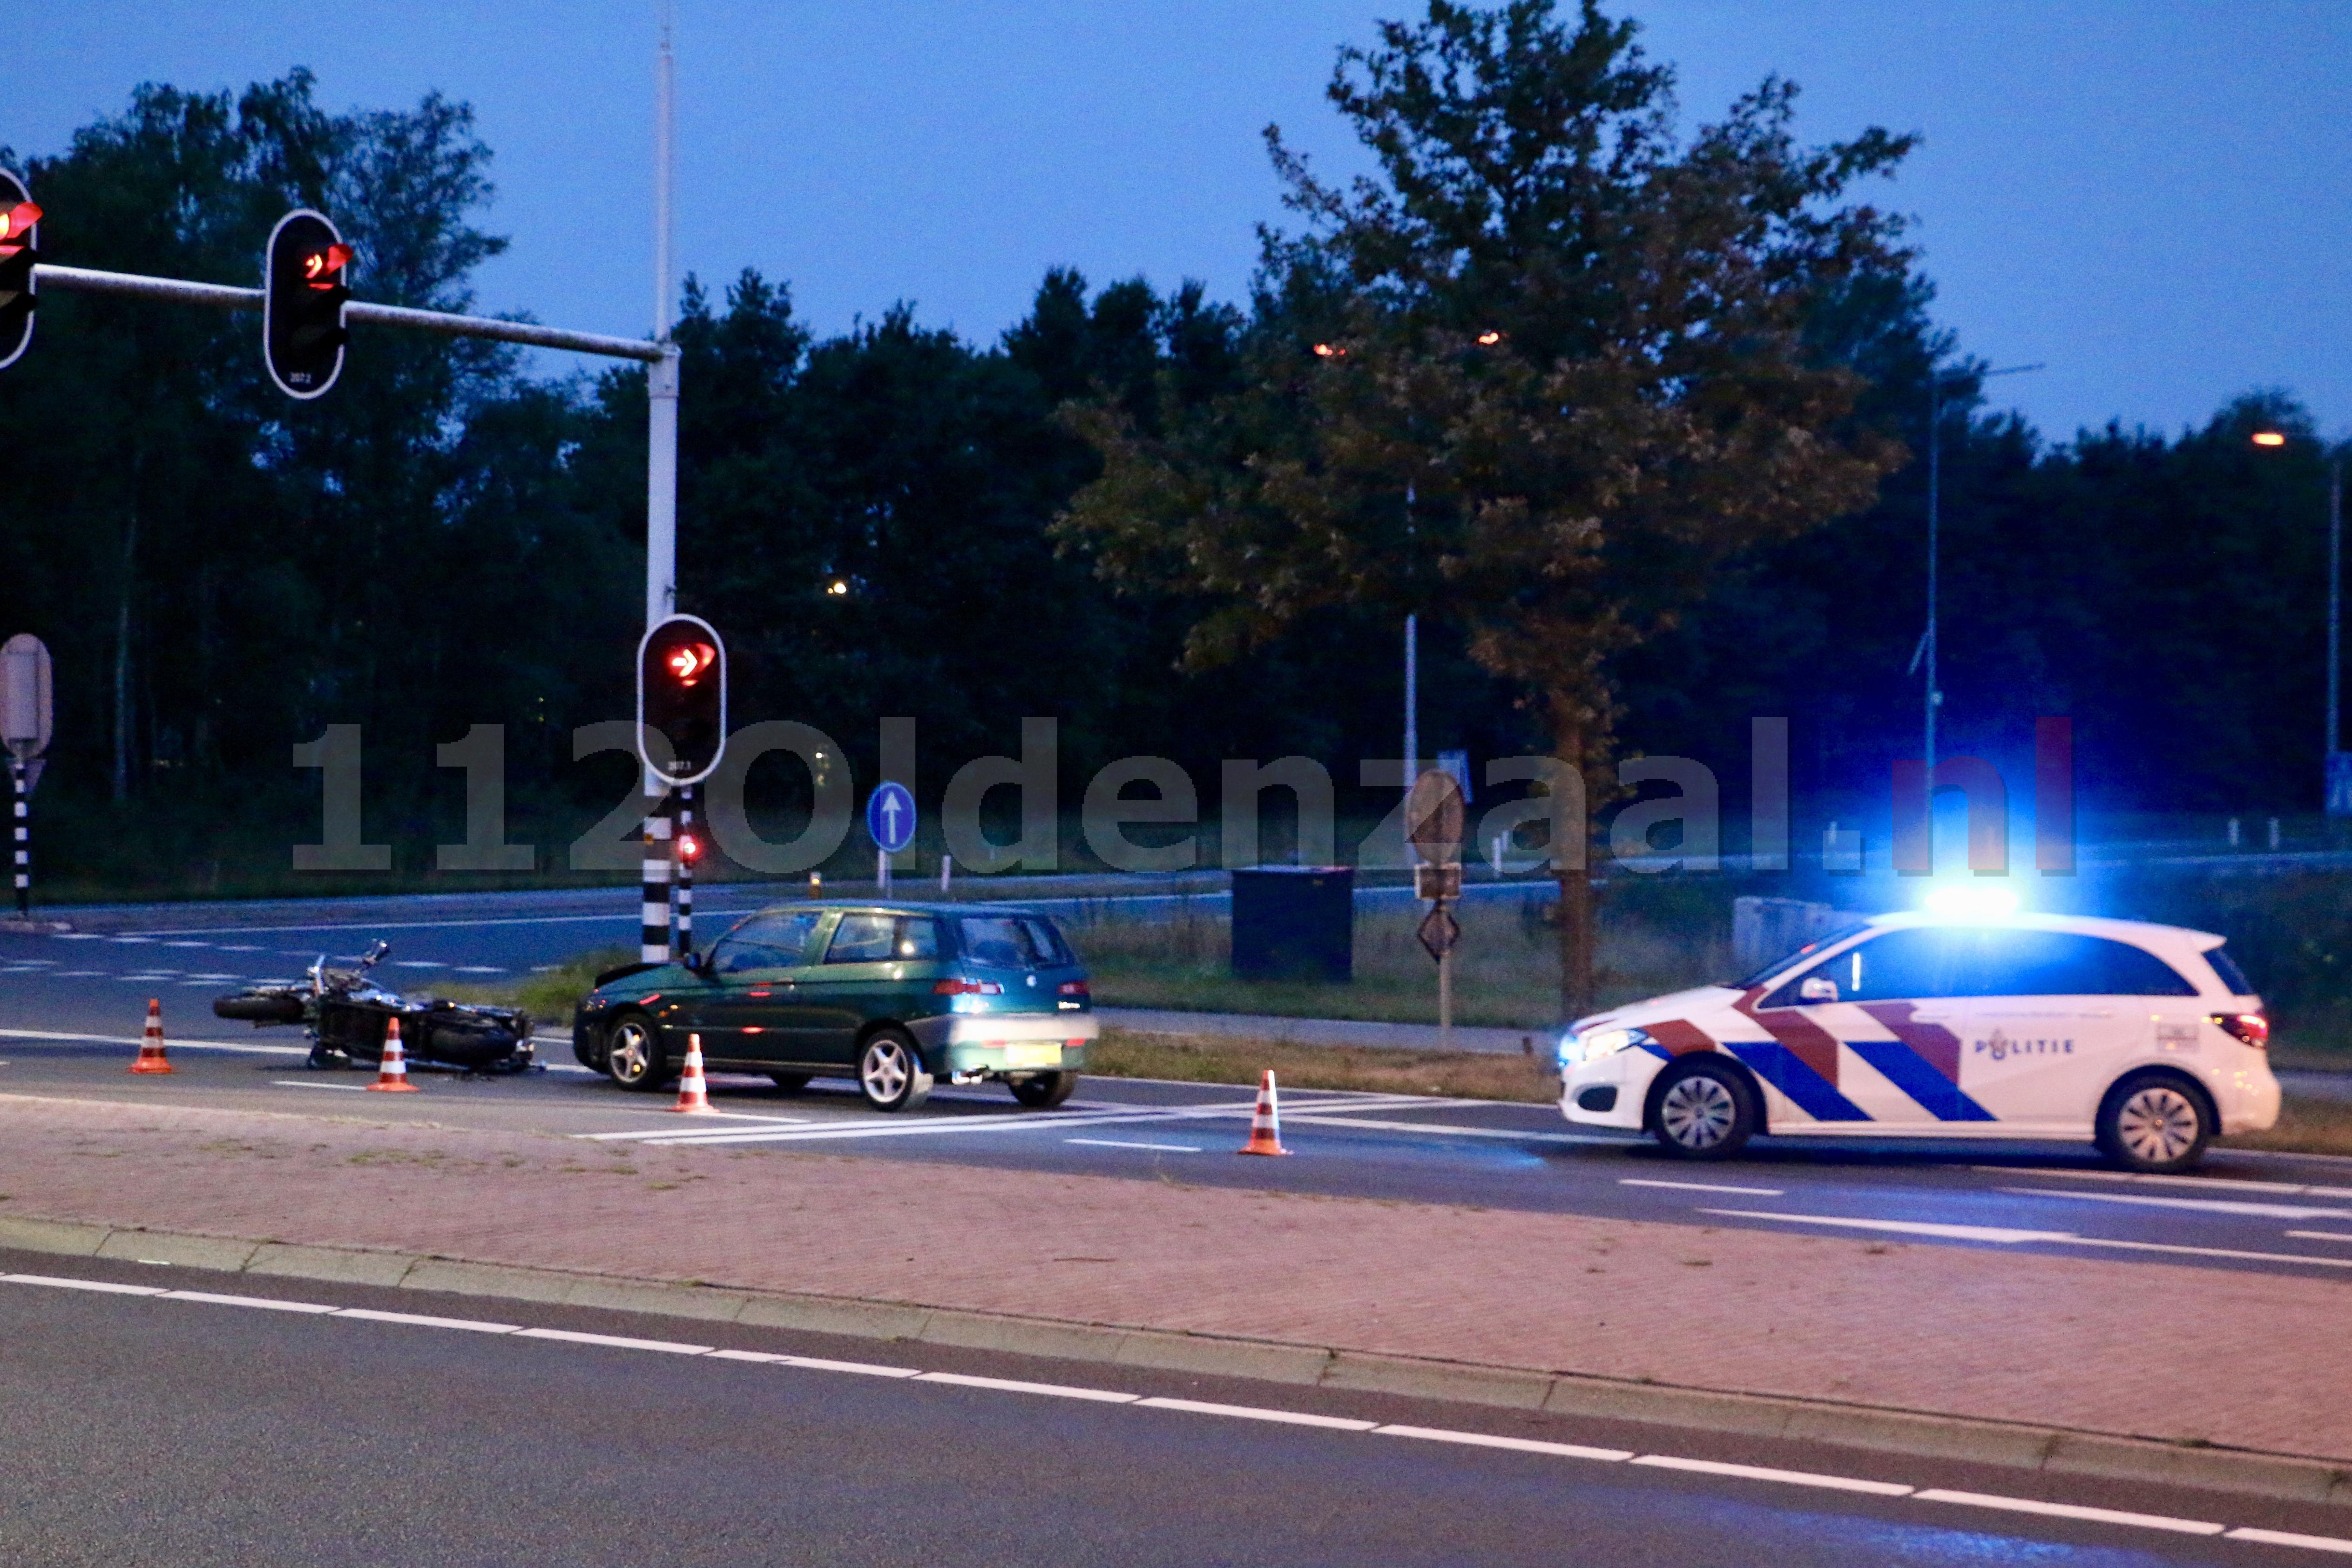 Foto's: Forse schade bij aanrijding tussen motor en auto in Oldenzaal